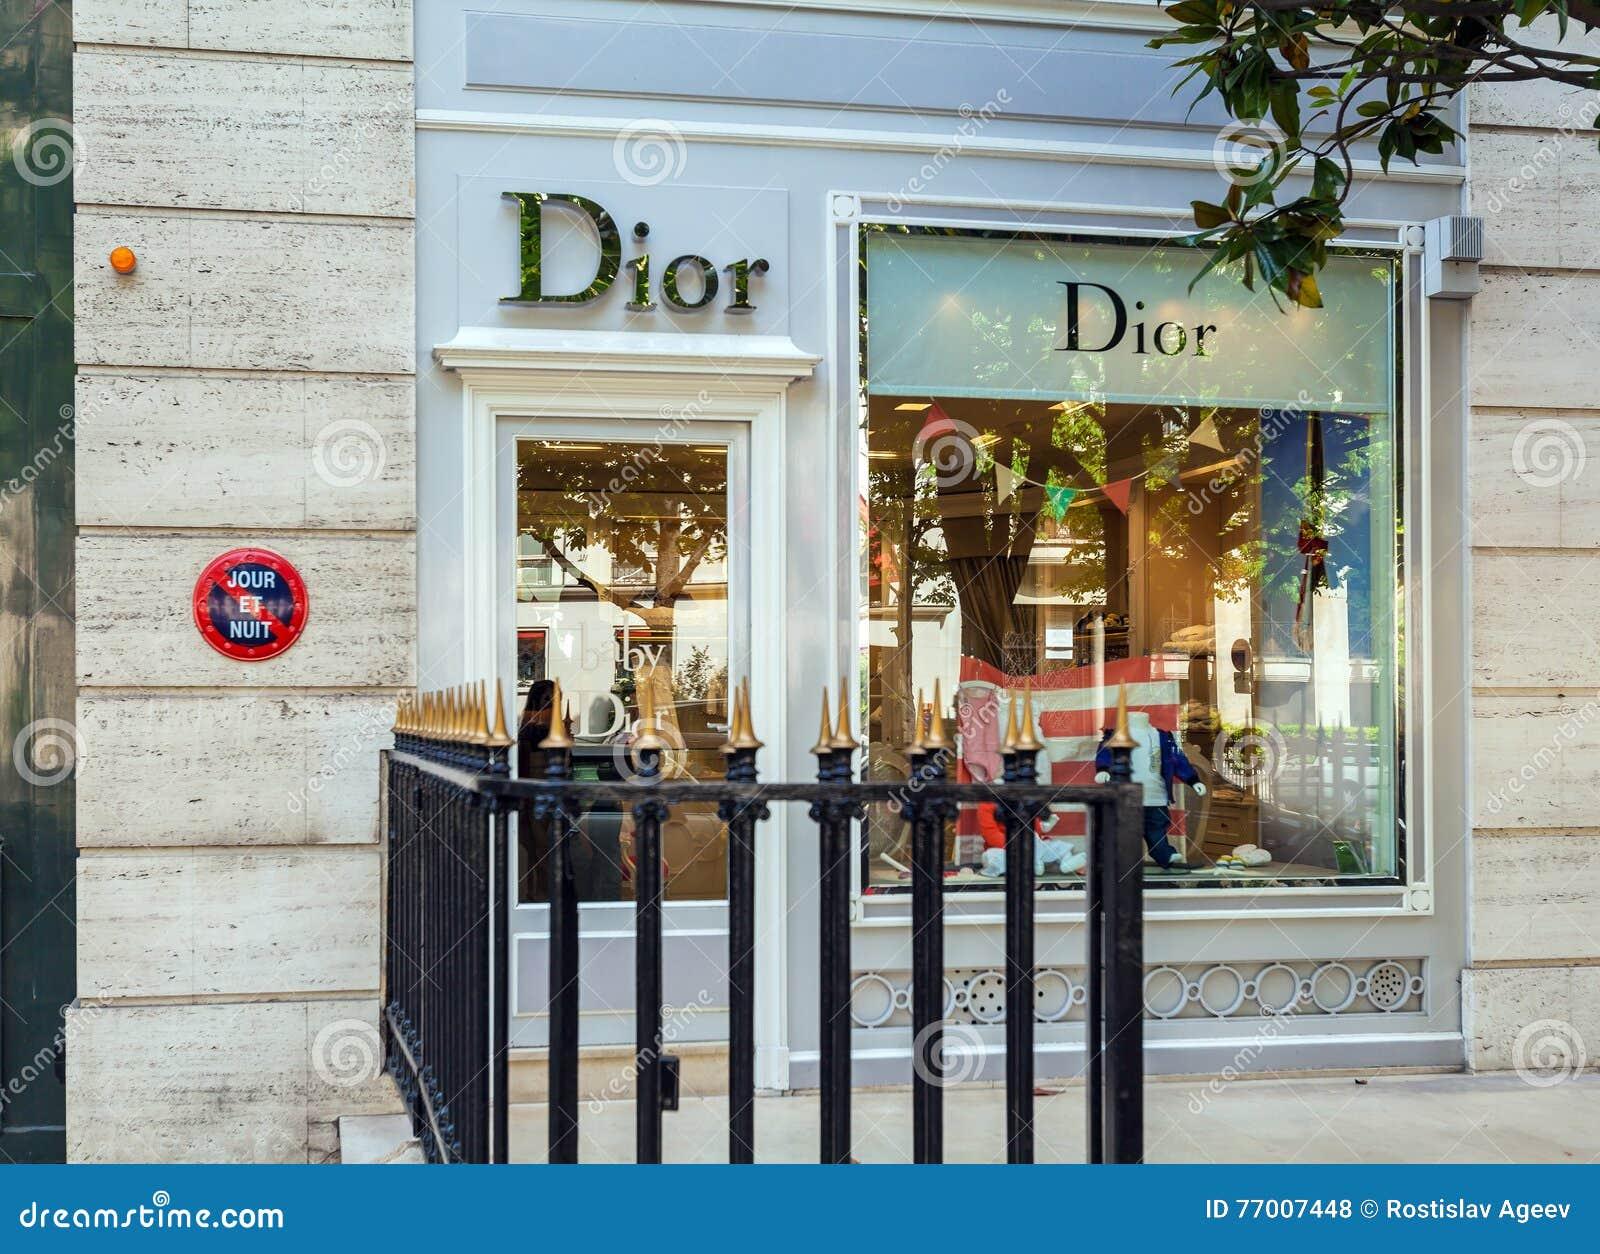 26e0c66b1f16 PARIS, FRANCE - APRIL 7, 2011  Baby Dior Boutique Kids Dress Sto ...